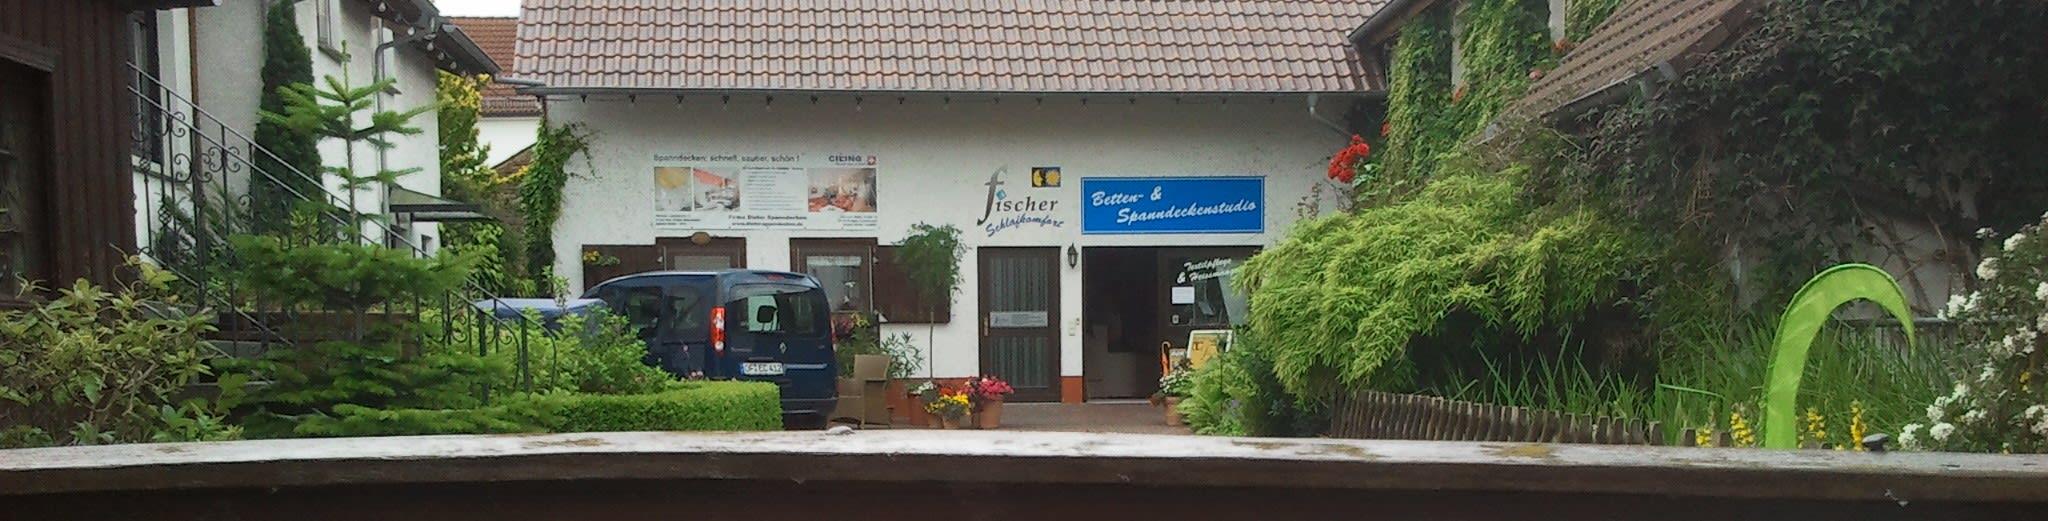 Fischer Schlafkomfort Standort